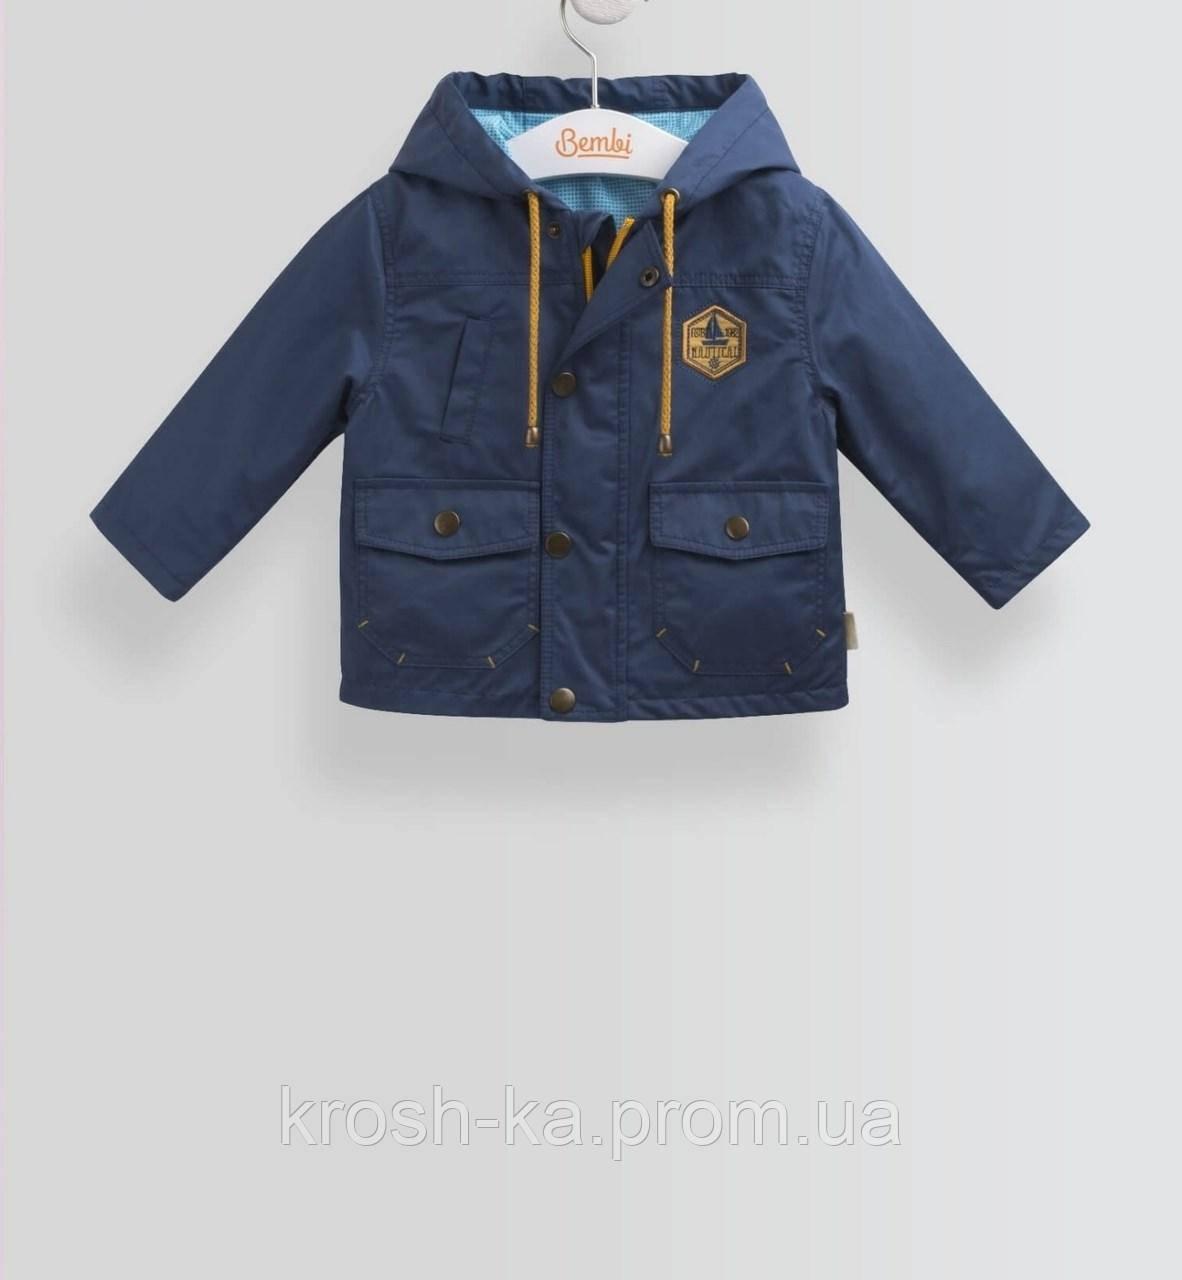 Куртка-ветровка для мальчика с капюшоном синяя (68-86) (Bembi)Бемби Украина КТ162